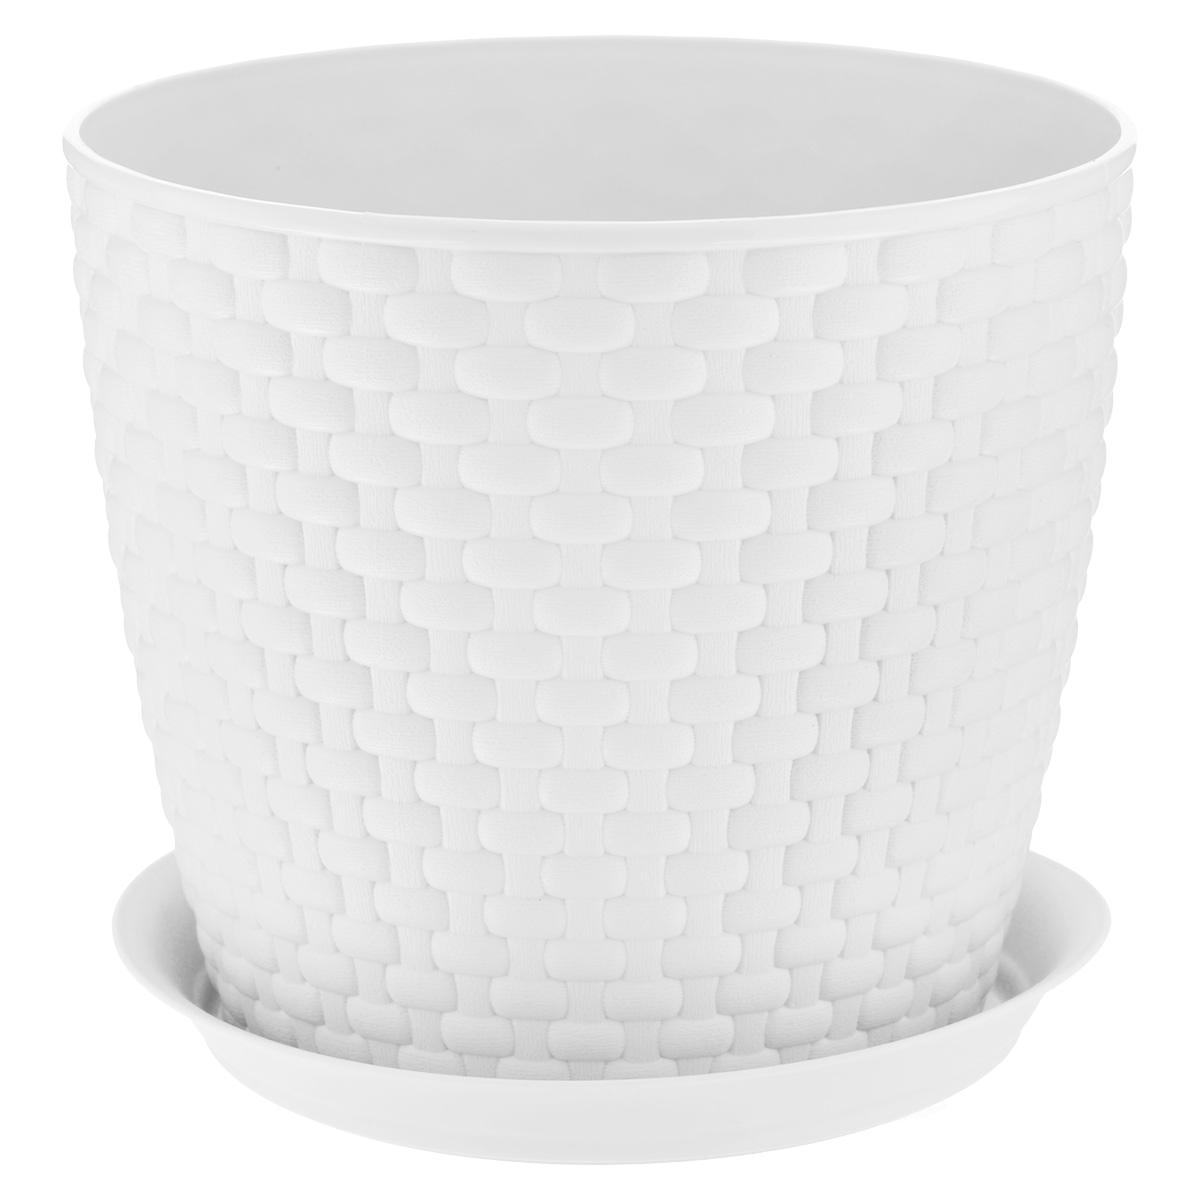 Кашпо Idea Ротанг, с поддоном, цвет: белый, 4,7 л кашпо idea верона с подставкой цвет белый диаметр 18 см